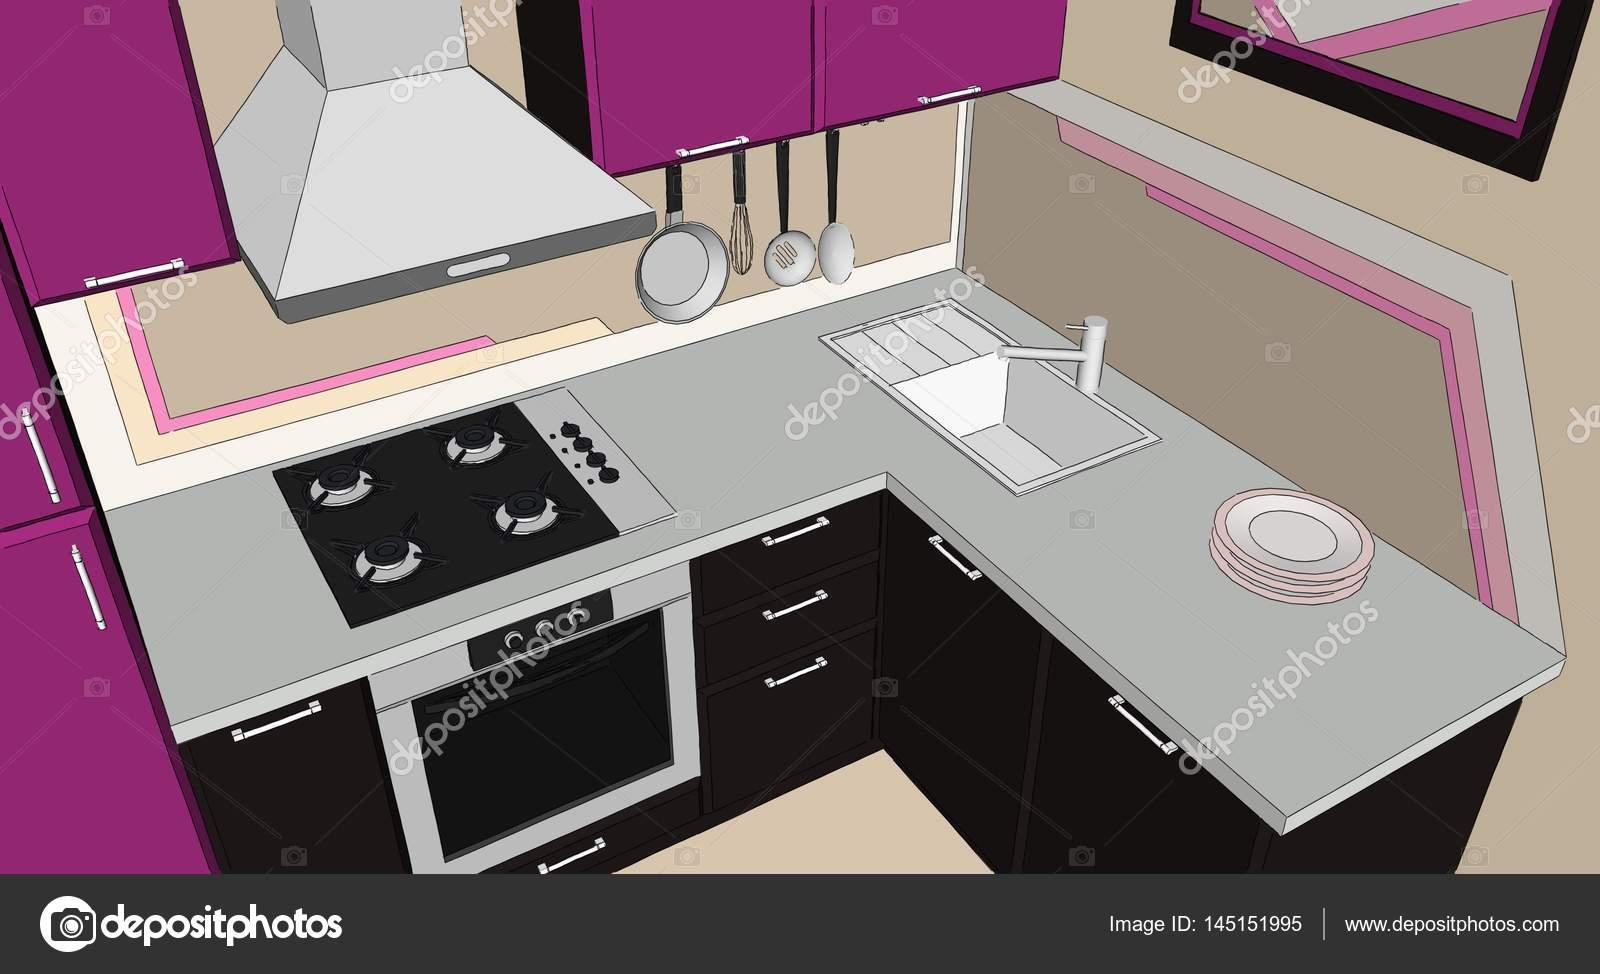 Dibujo del interior de cocina de esquina moderno púrpura y marrón ...